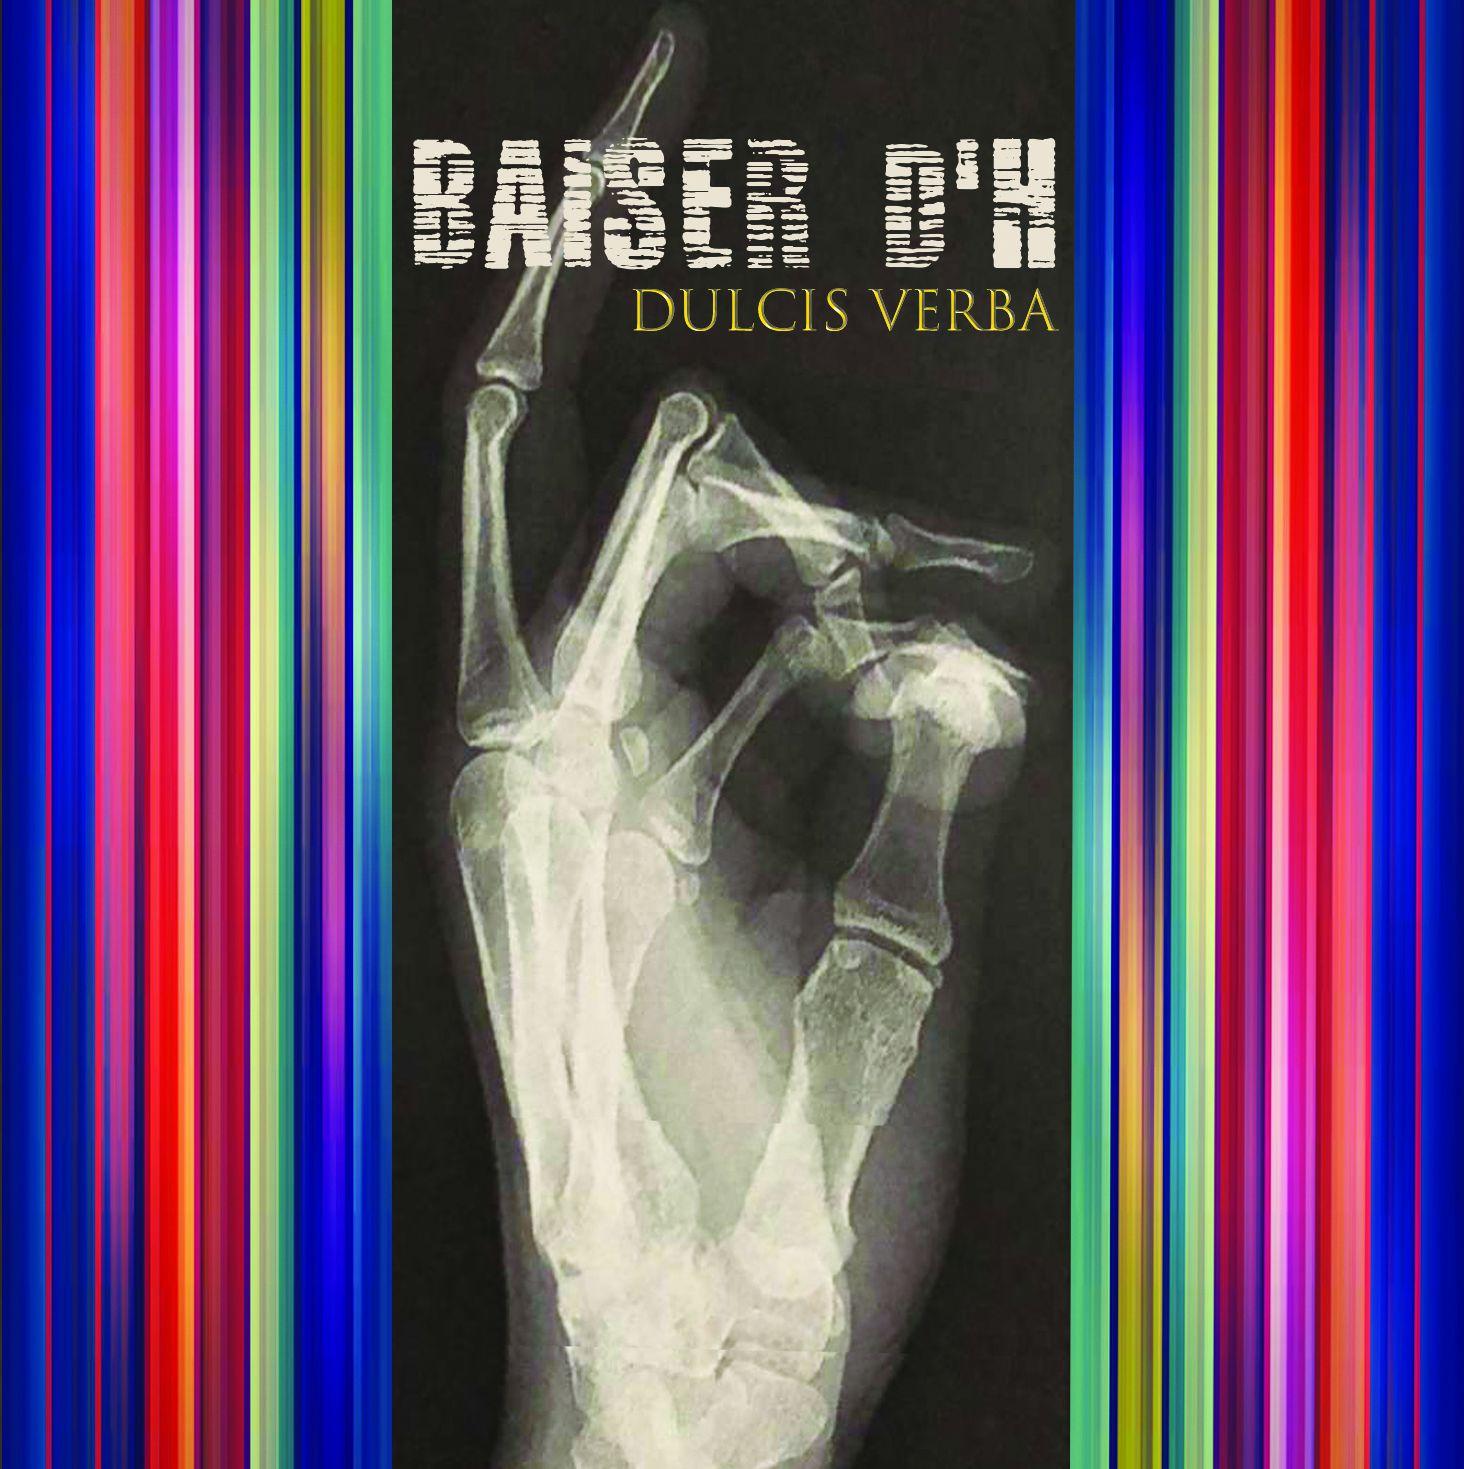 Le groupe Rock Baiser d'H2 de Saint Malo revient pour apporter un nouveau souffle au rock français. Ave un rock poétique puissant.